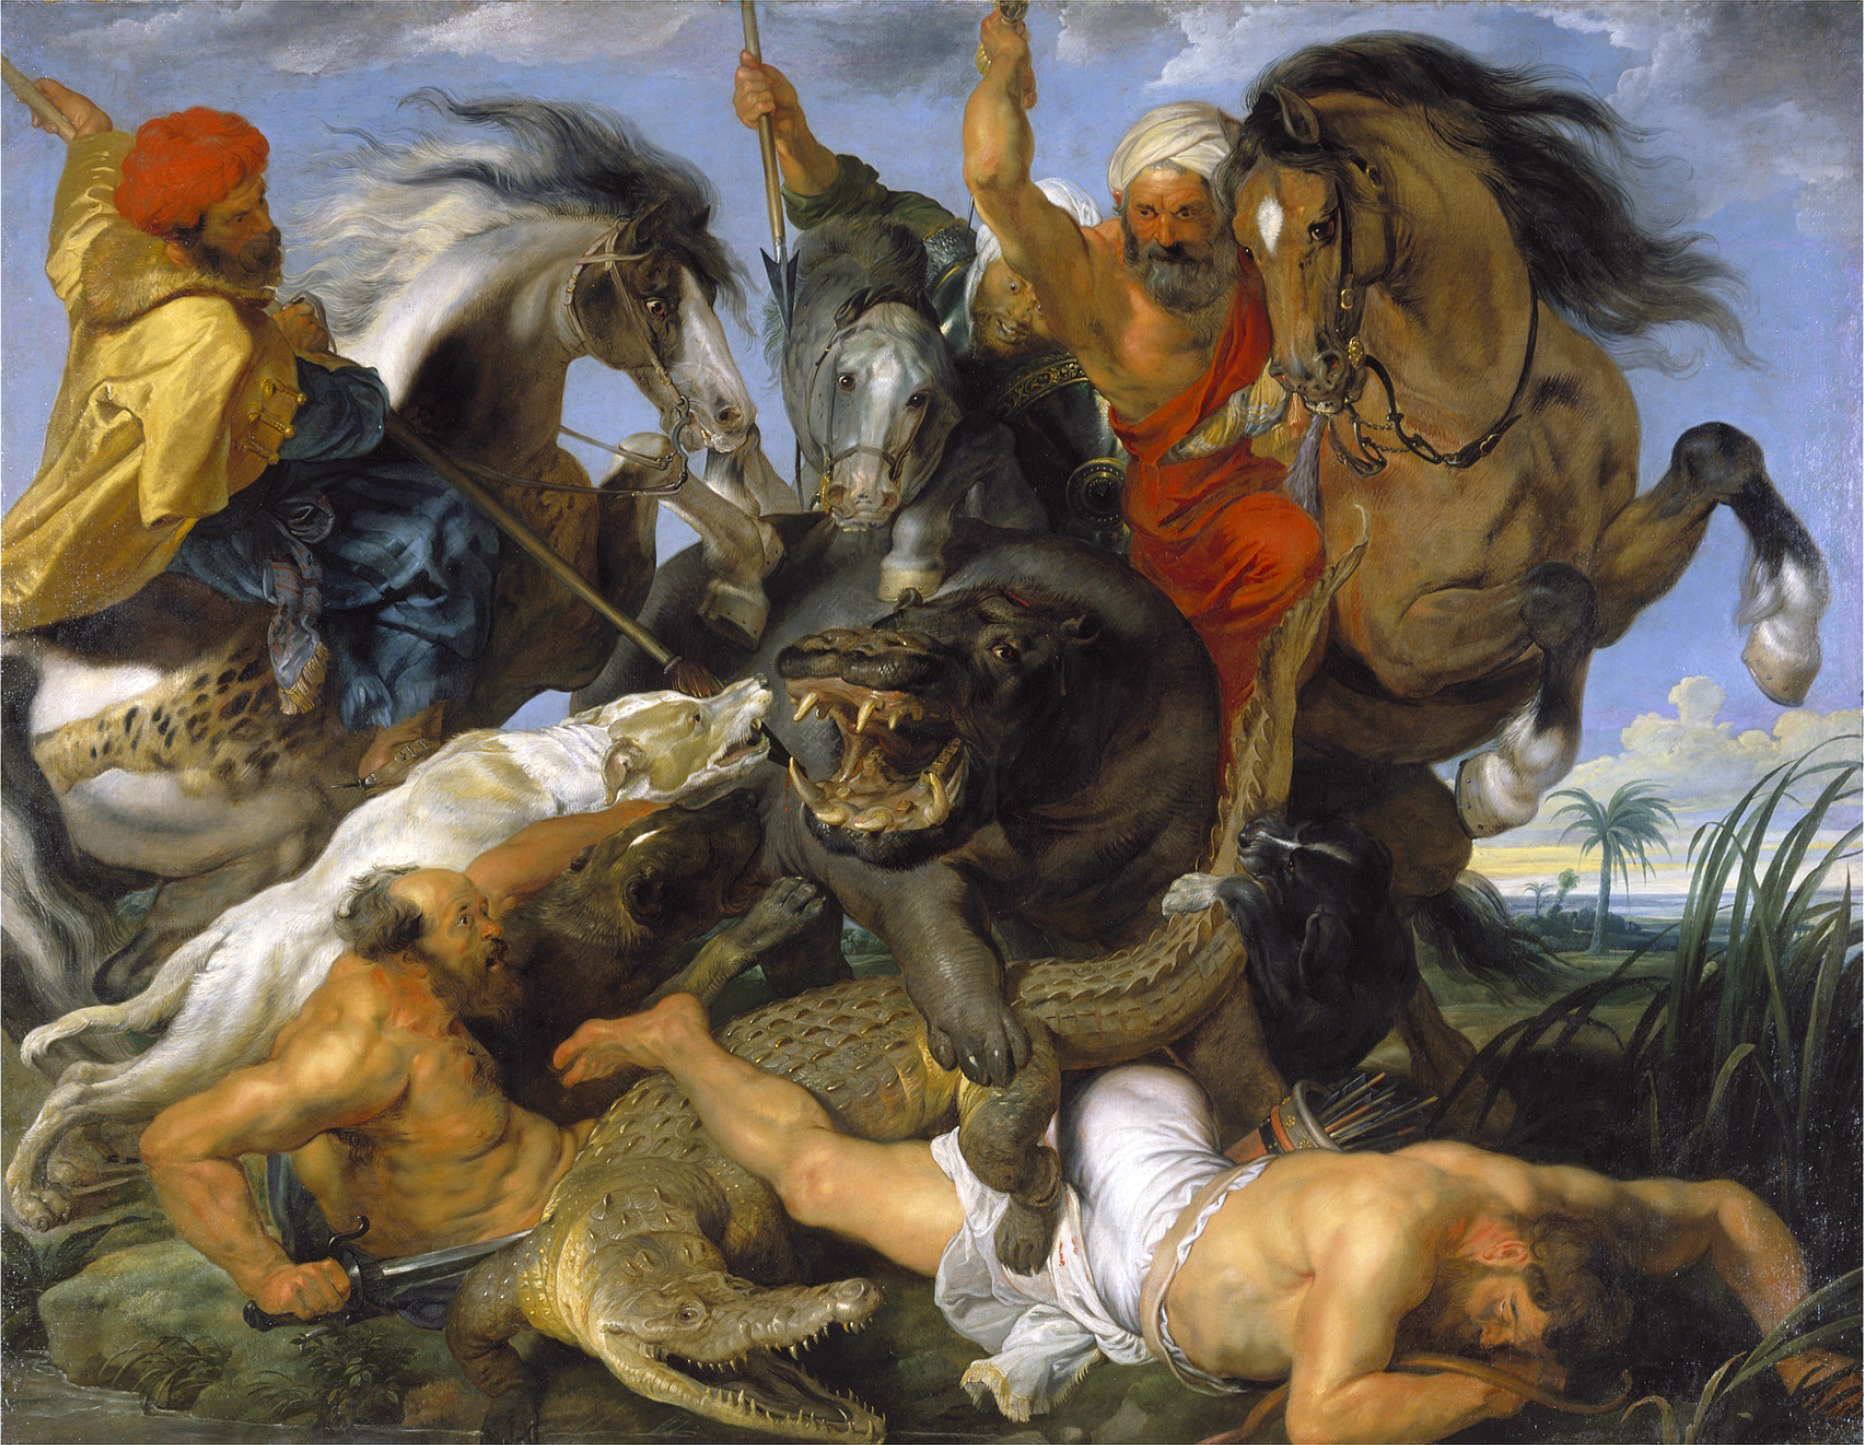 Cabalos de Rubens